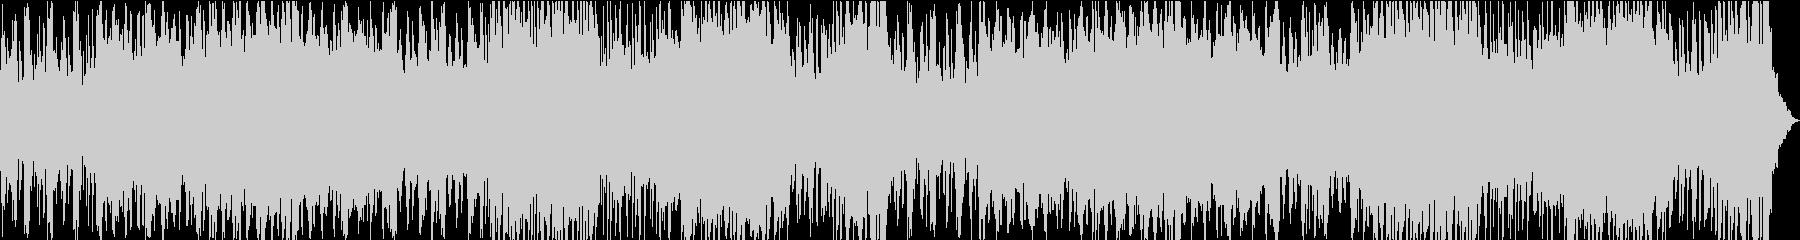 ゲーム/ダークで危機感のあるアクション曲の未再生の波形